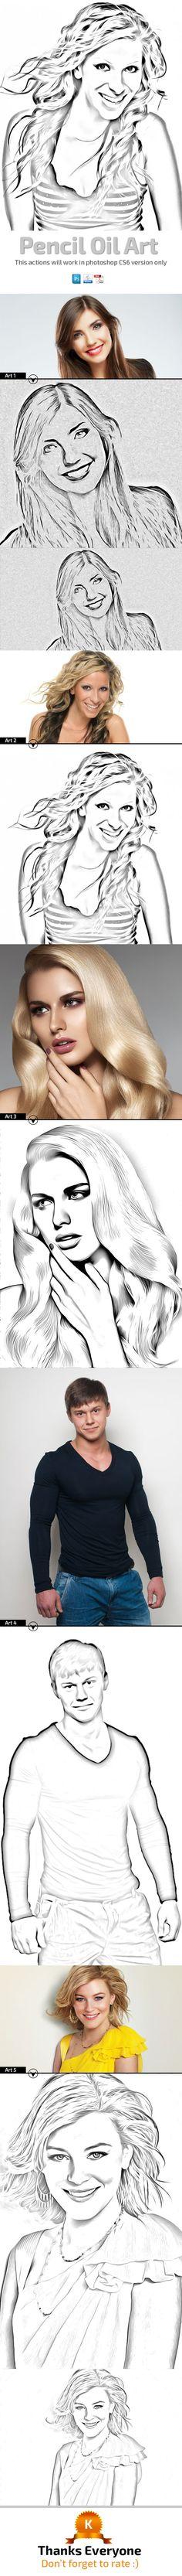 Pencil Oil Art by hazratali2020.deviantart.com on @DeviantArt